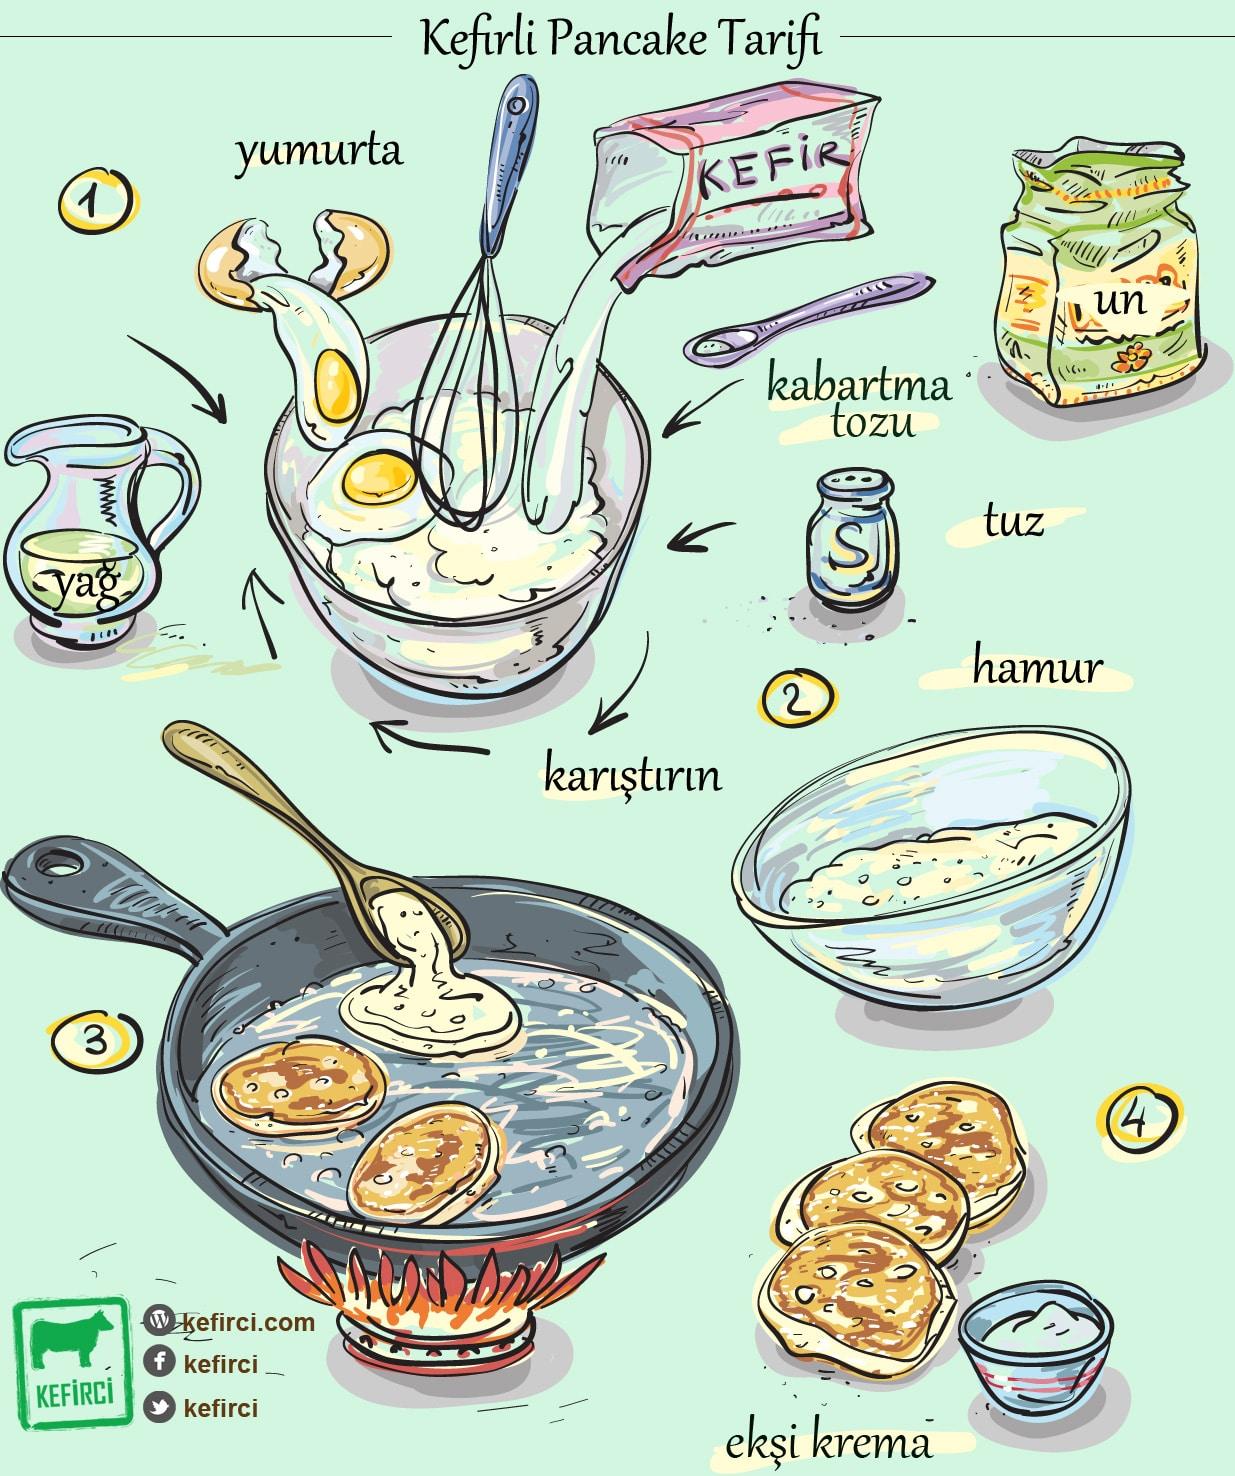 Pazar kahvaltınız için sağlıklı pancake tarifi